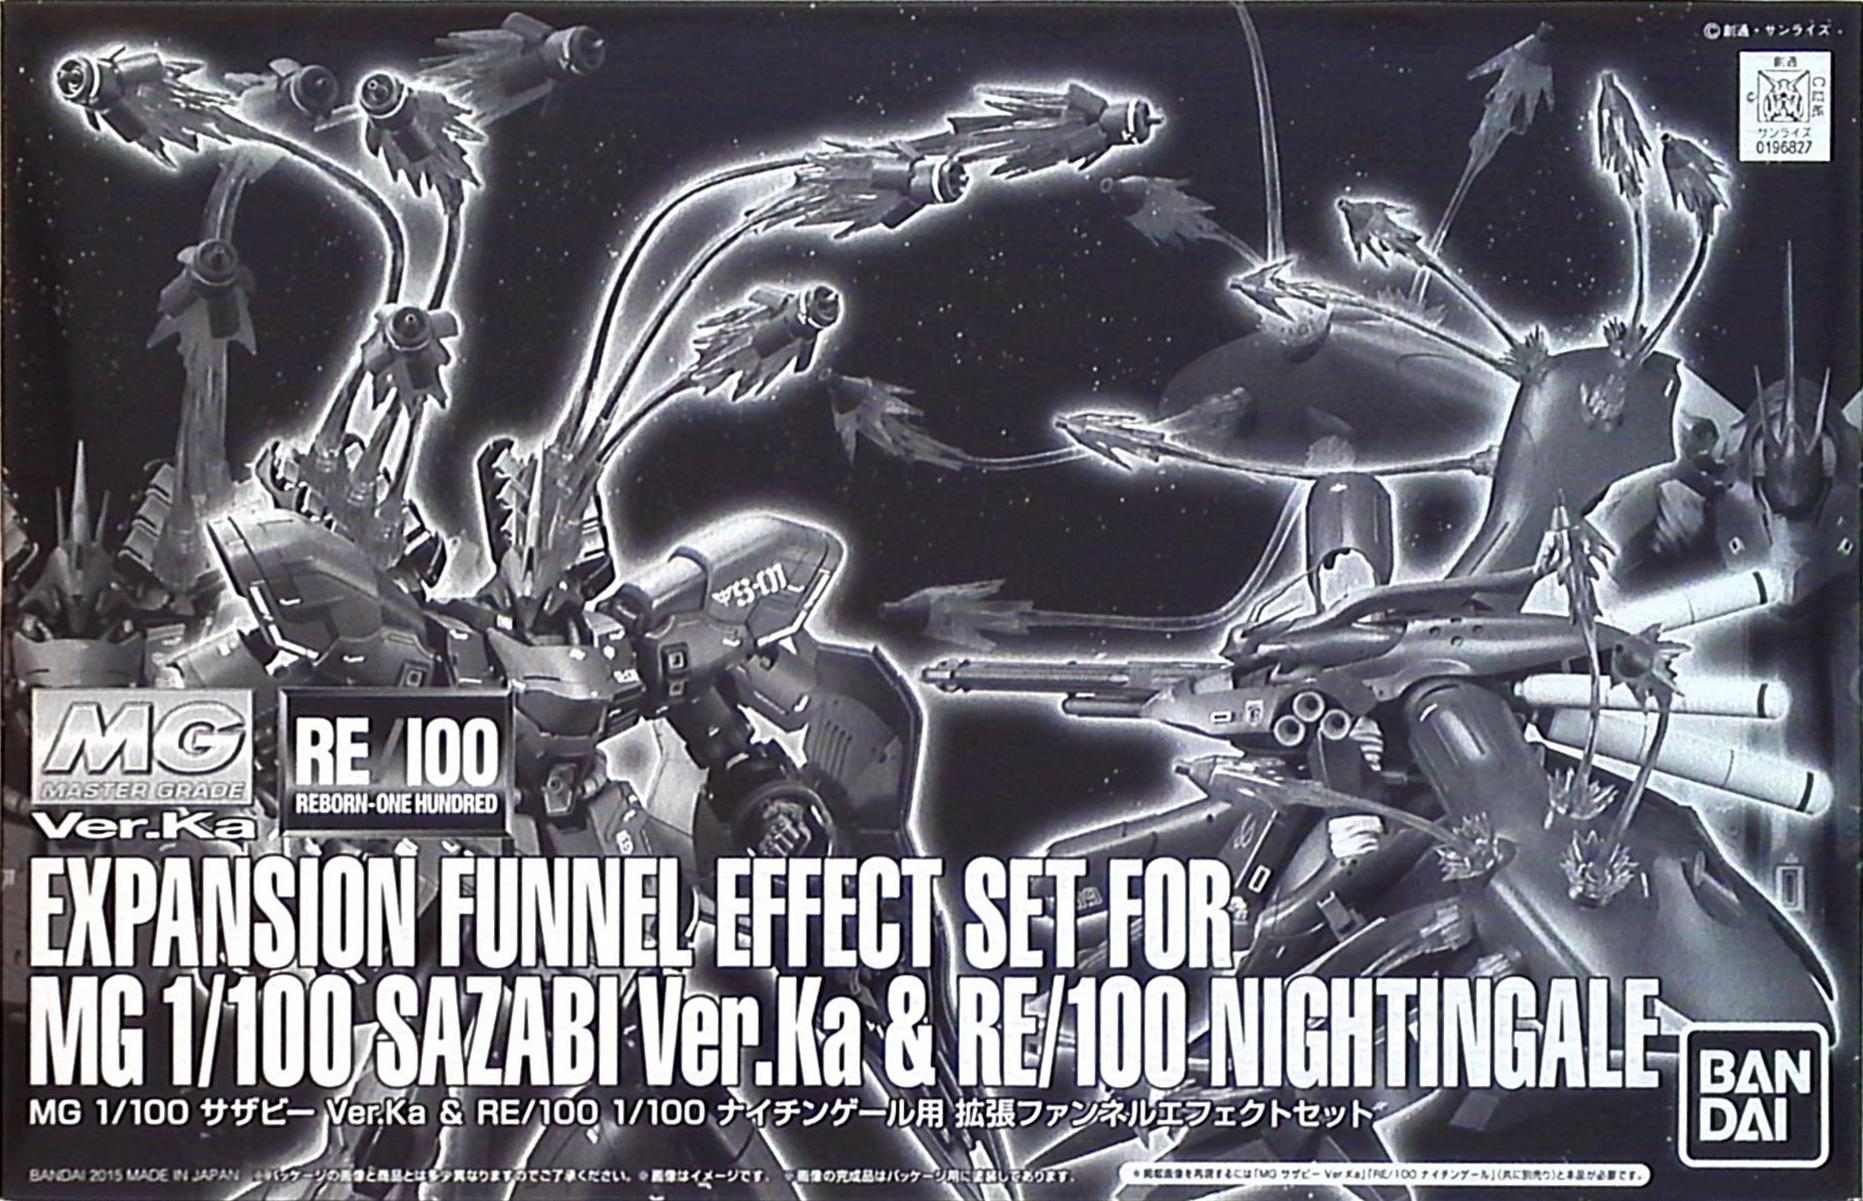 File:Expansion Funnel Set for MG Sazabi Ver.Ka & RE100 Nightingale.jpg